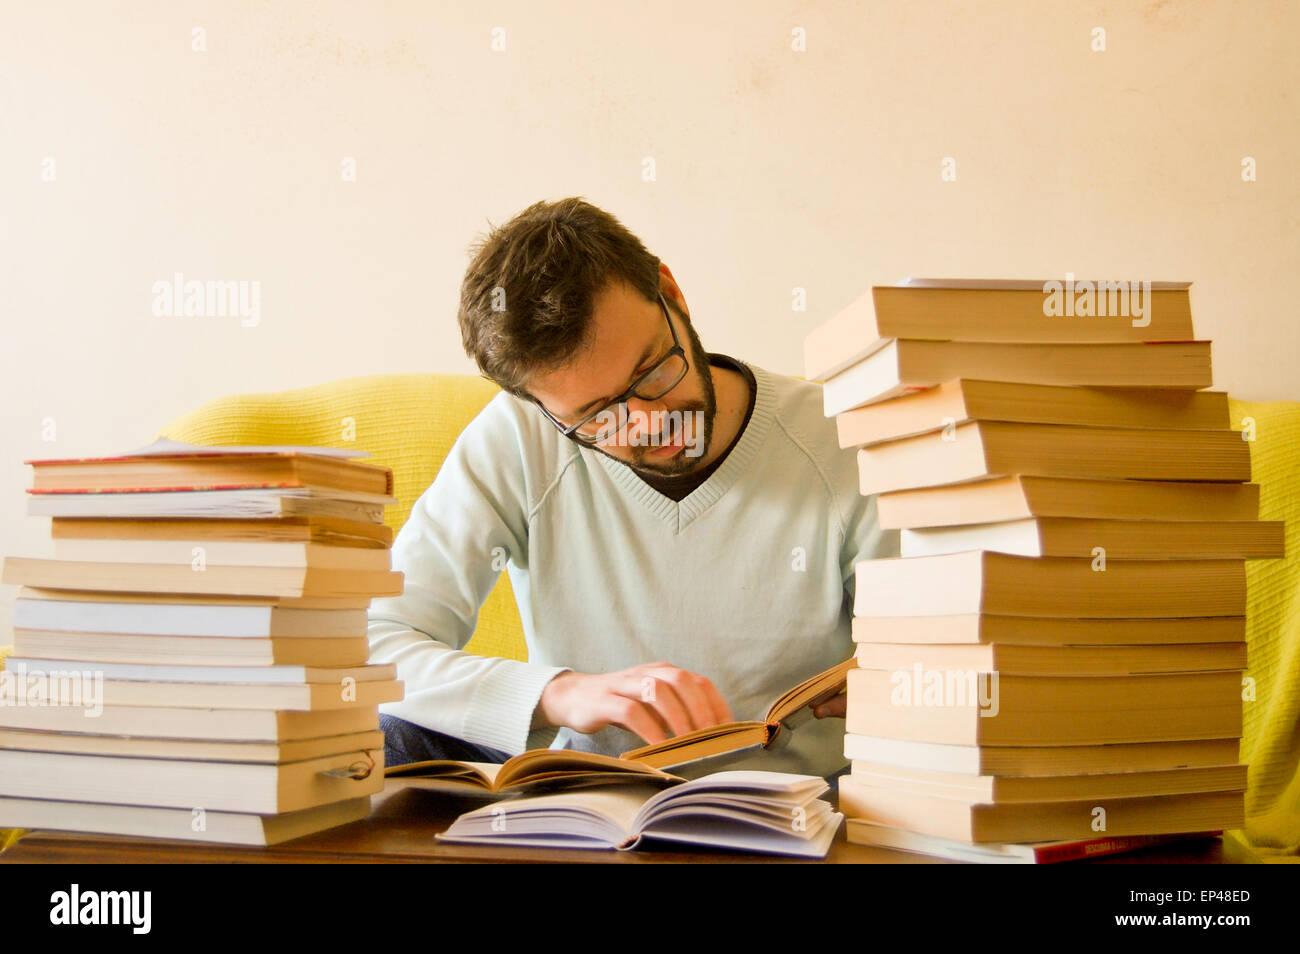 El hombre estudiando con un montón de libros en frente de él Imagen De Stock